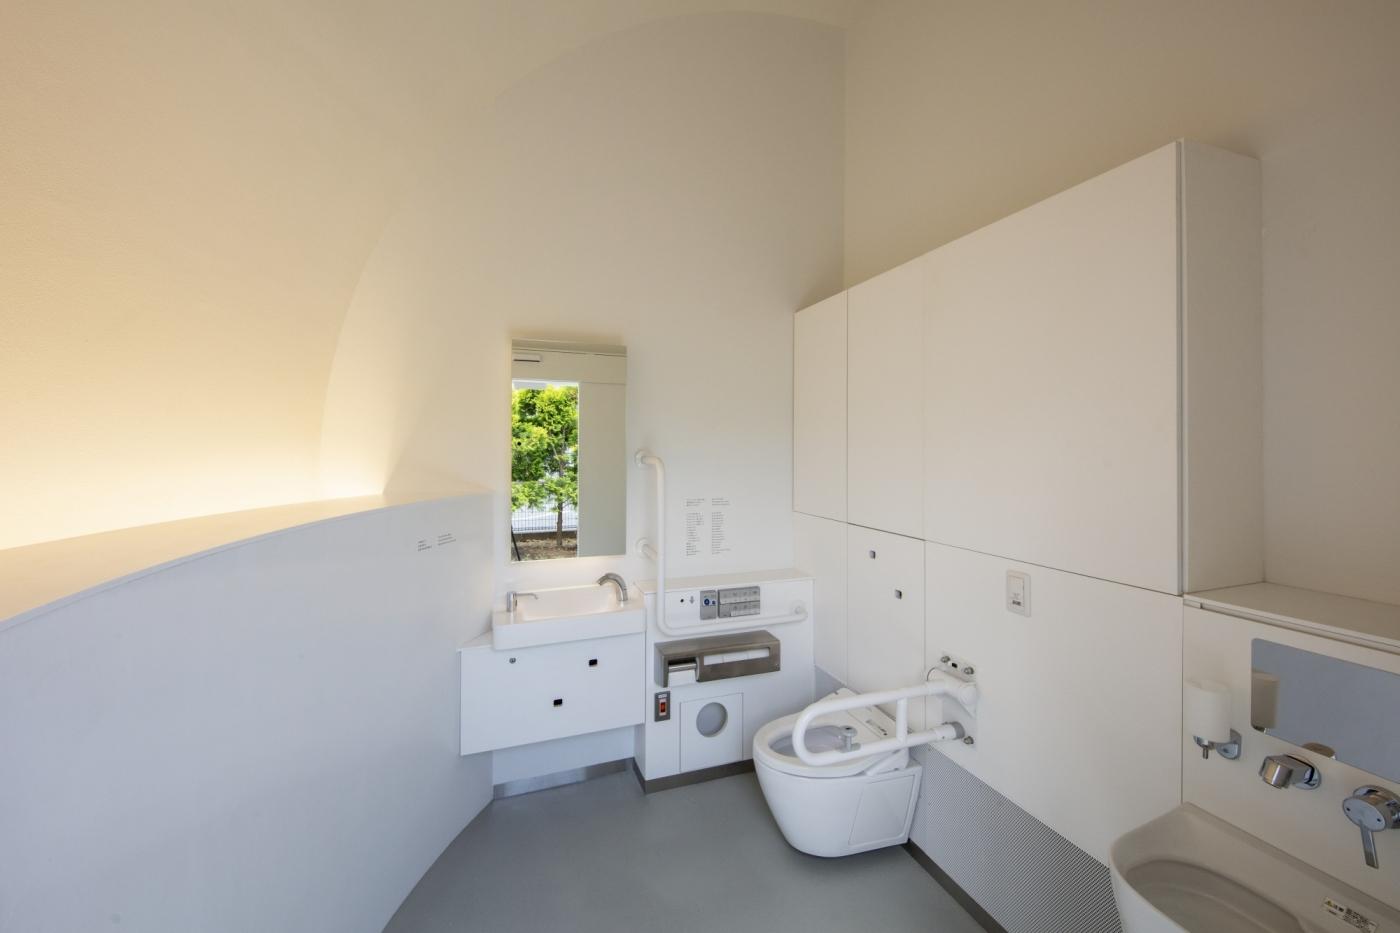 東京公廁計畫hi toilet-06.jpg